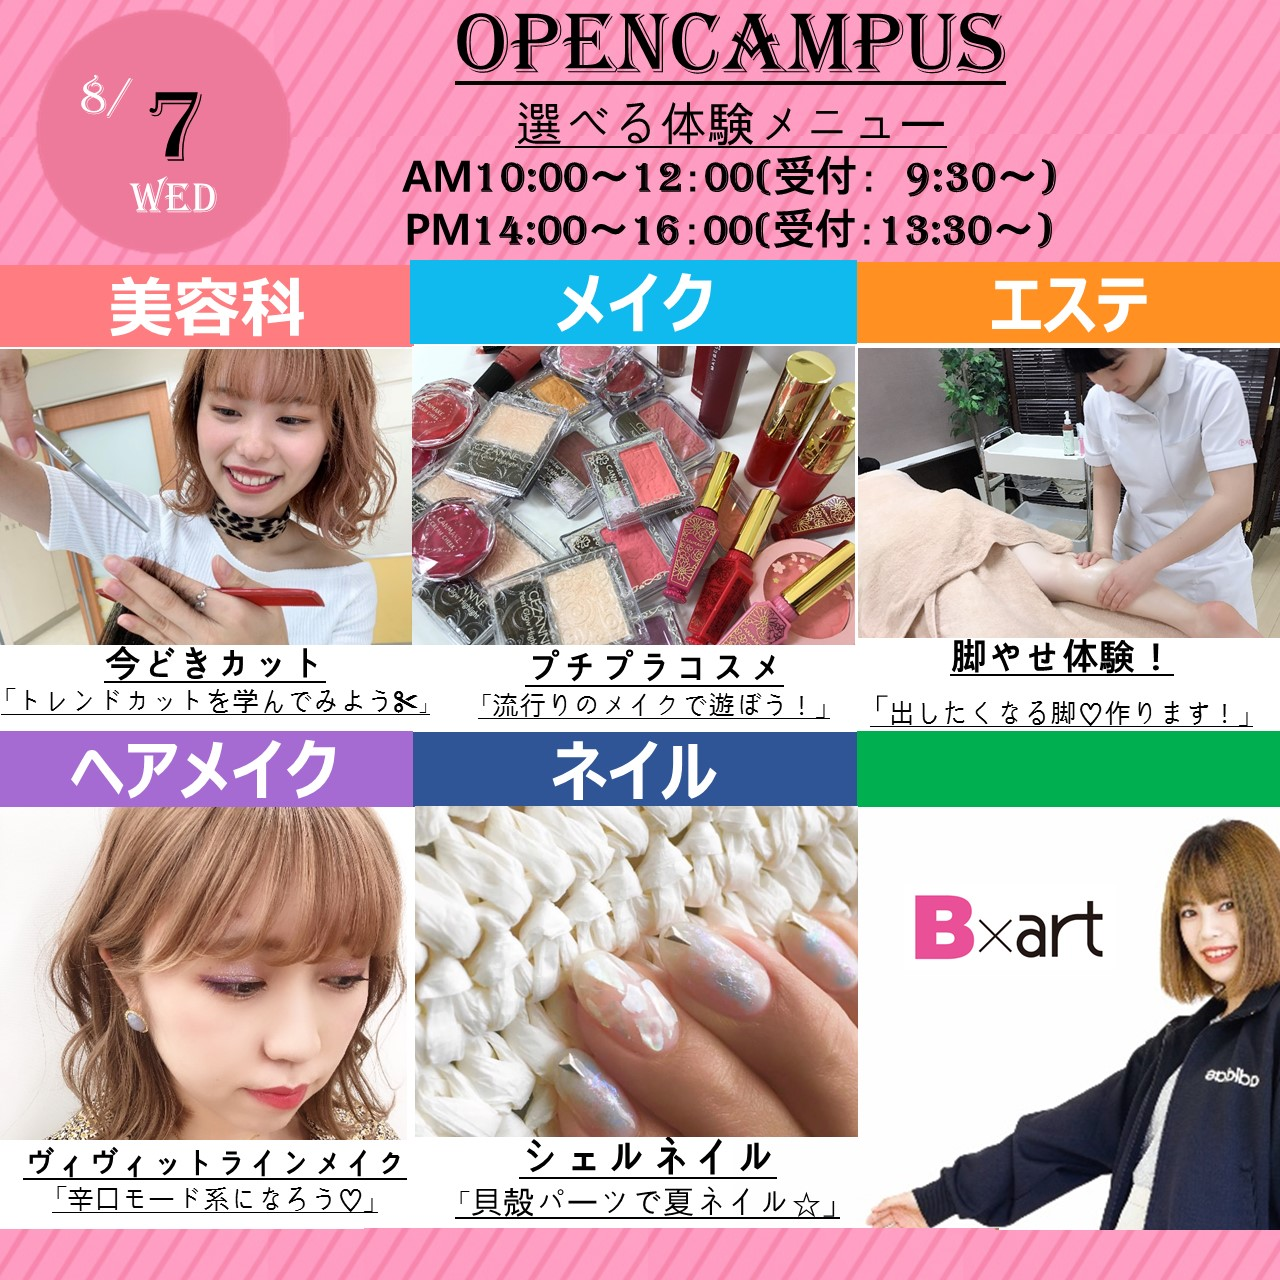 8月7日イベカレ用PPT フォーマット - 横VER.jpg